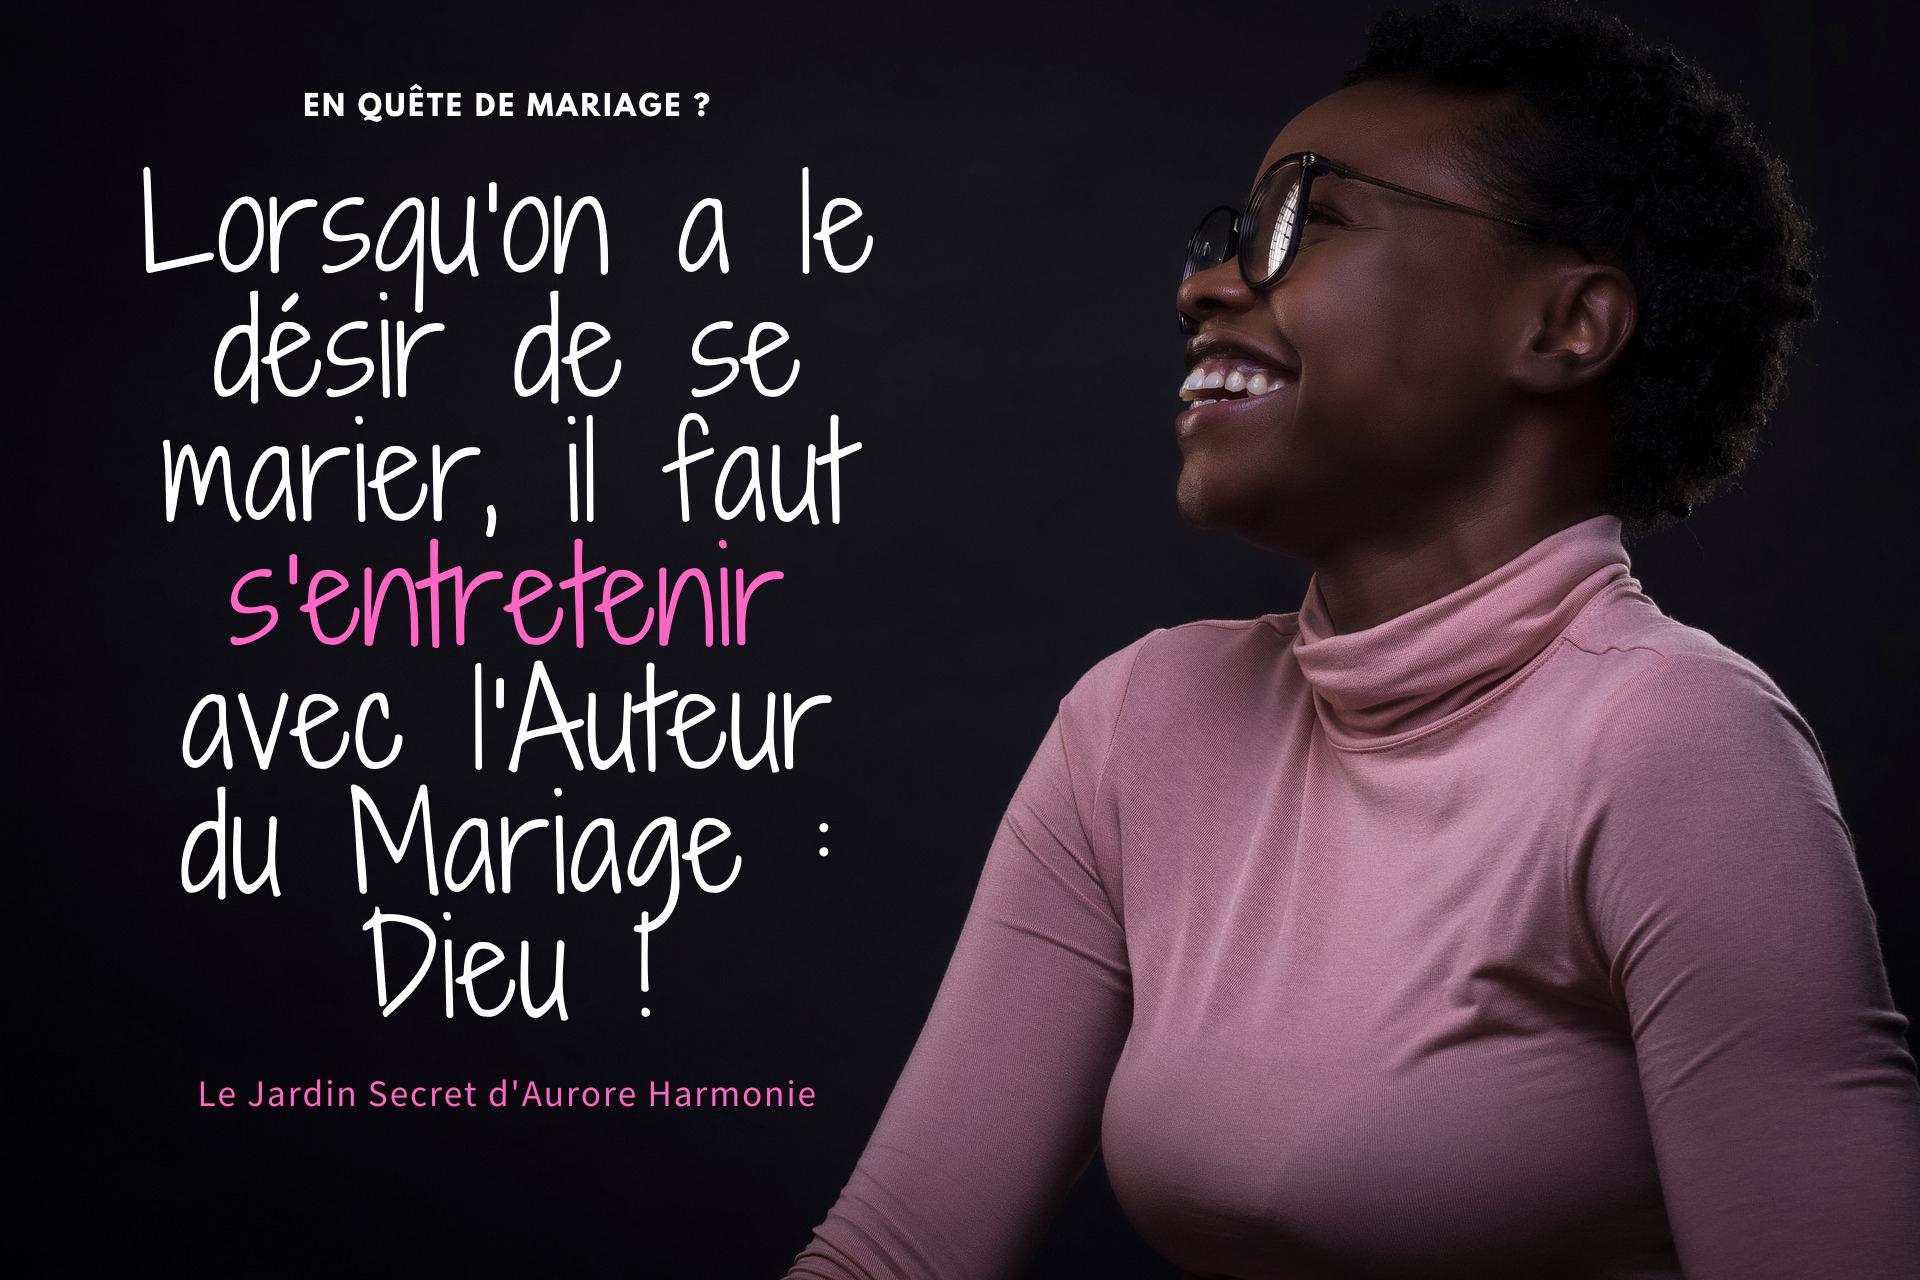 Désir de mariage 2